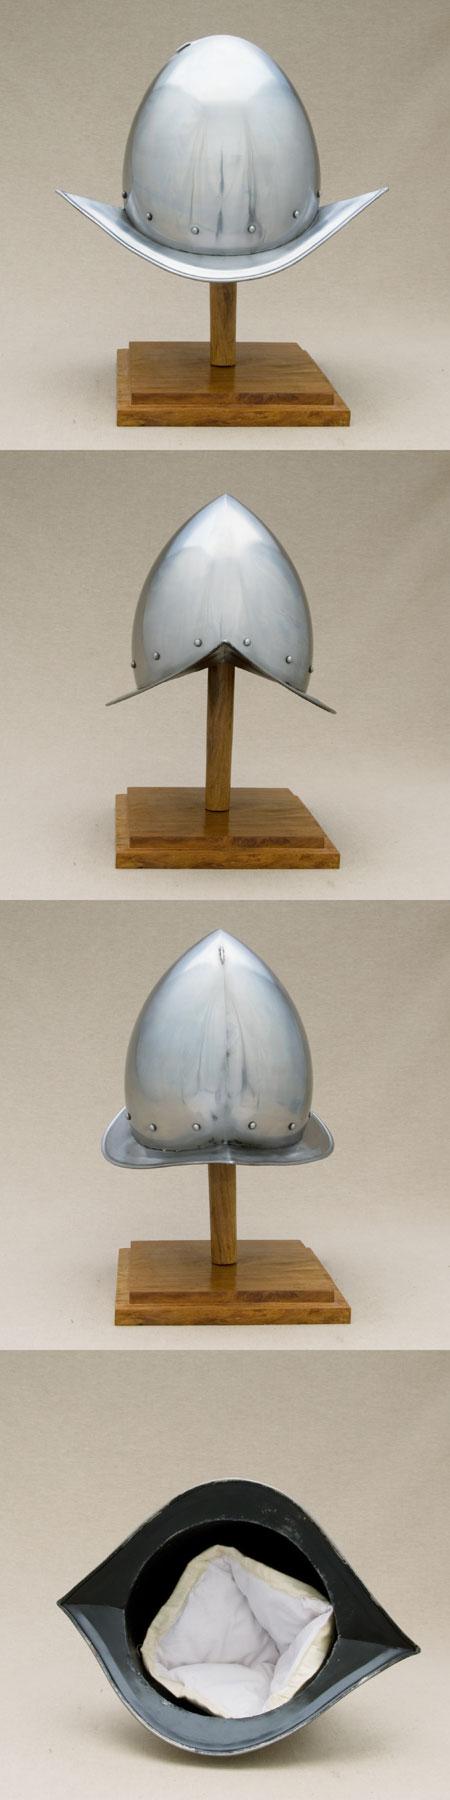 Birnmorion Helm der Landsknechte Mittelalter